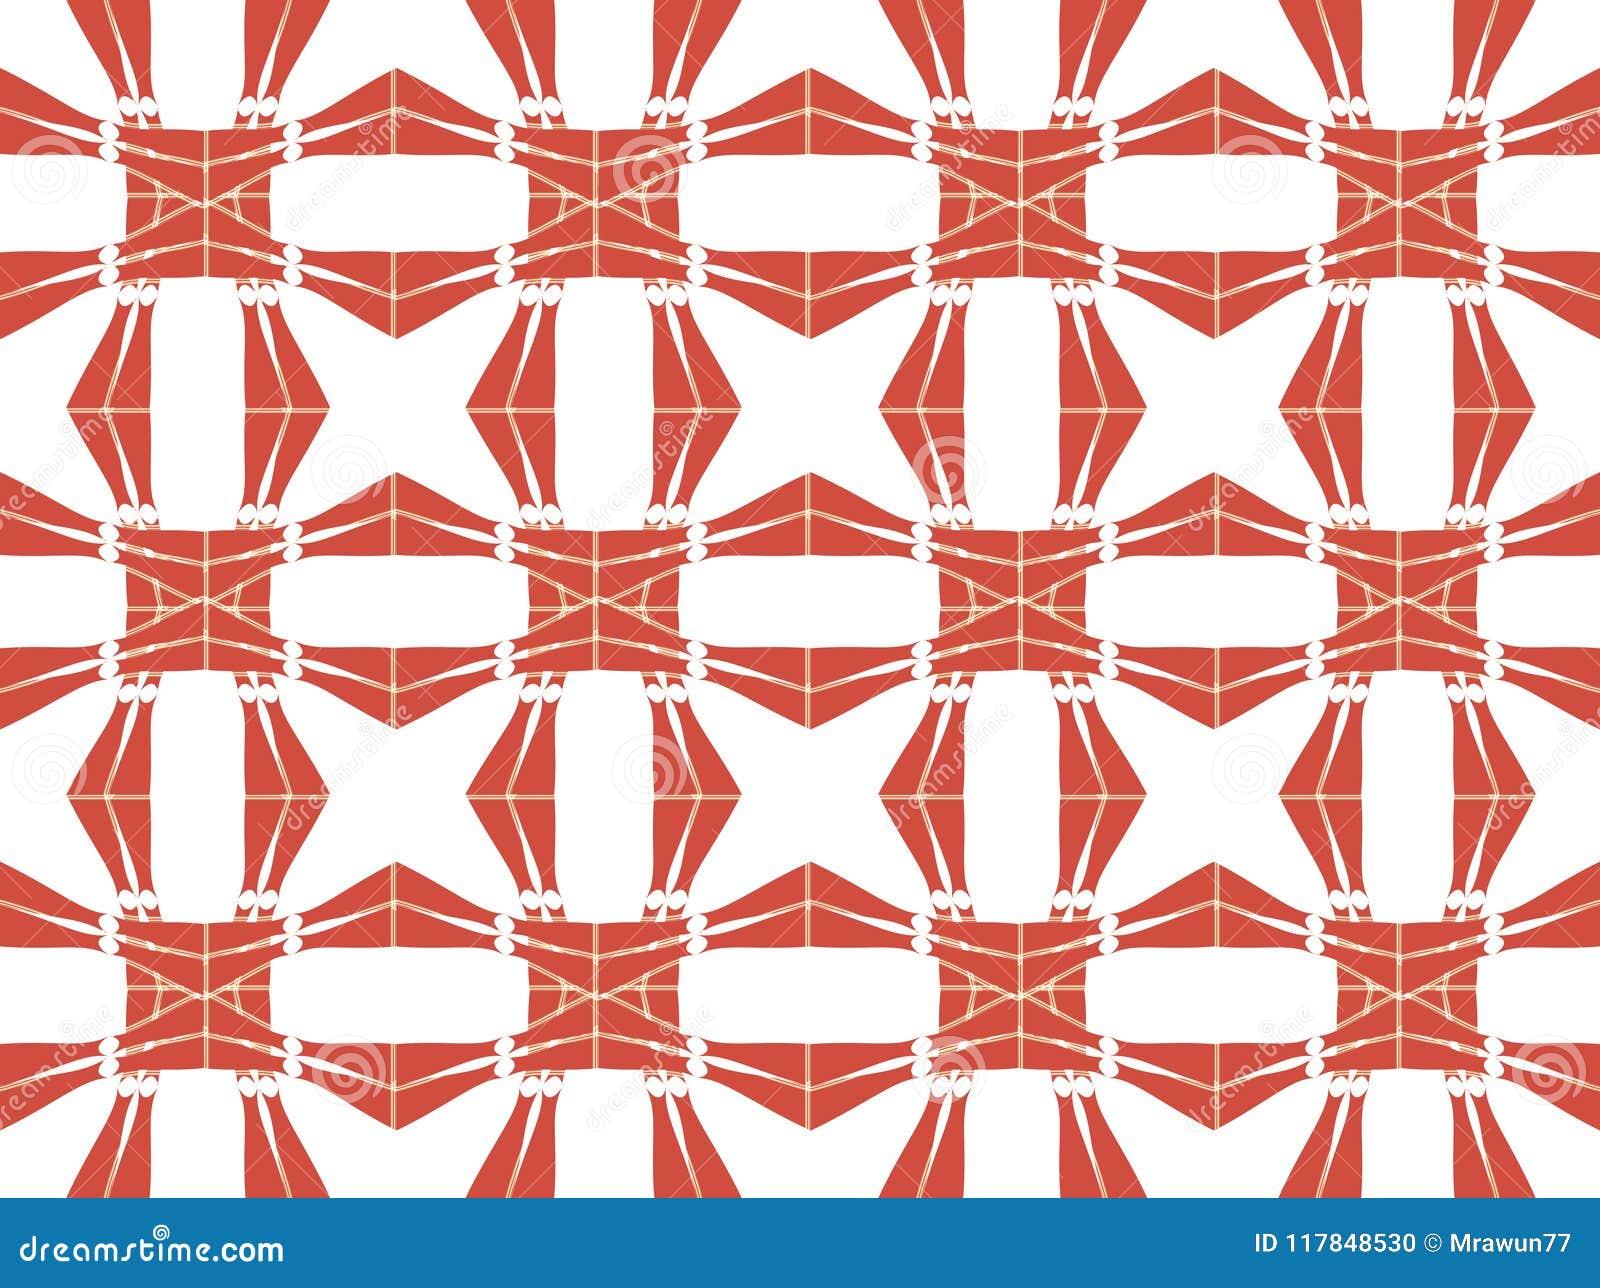 73 Koleksi Ide Desain Seni Terbaik Untuk Di Contoh